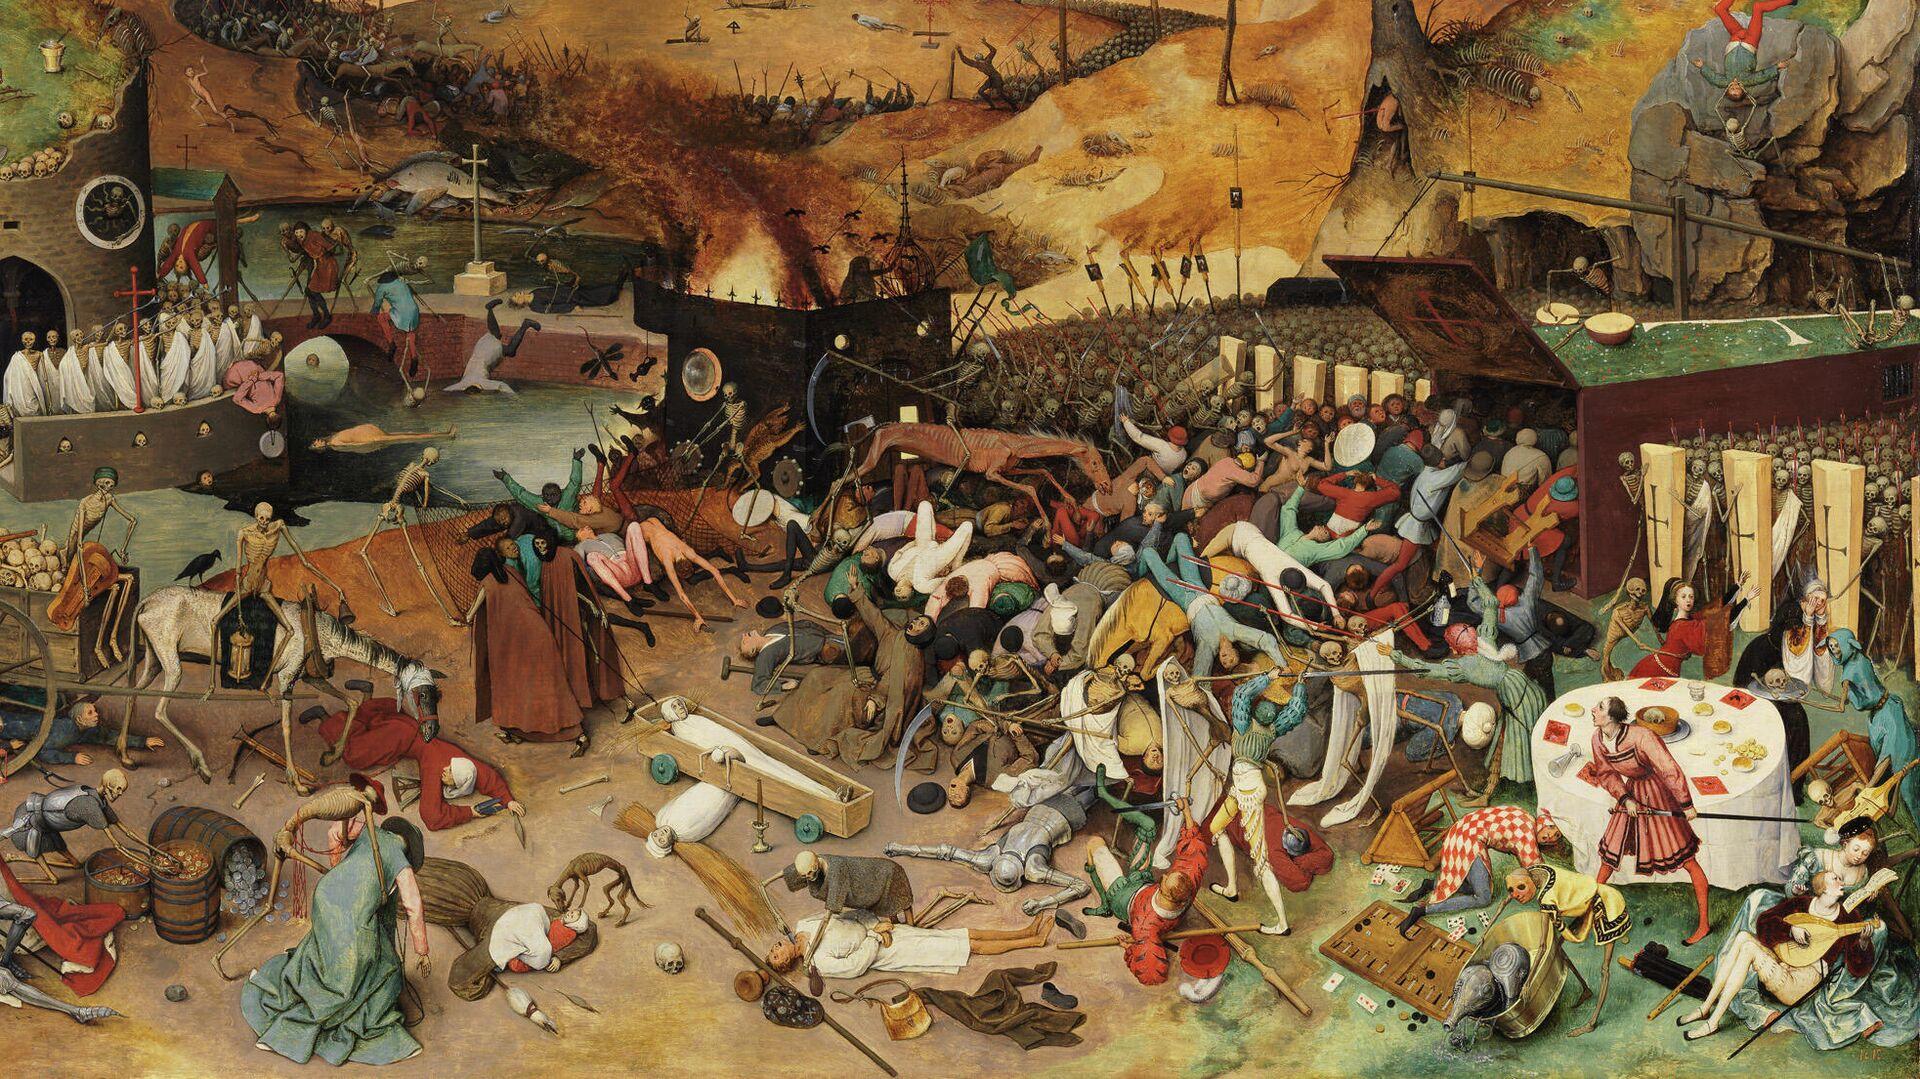 Питер Брейгель Старший, Триумф смерти, 1562 - РИА Новости, 1920, 16.06.2021